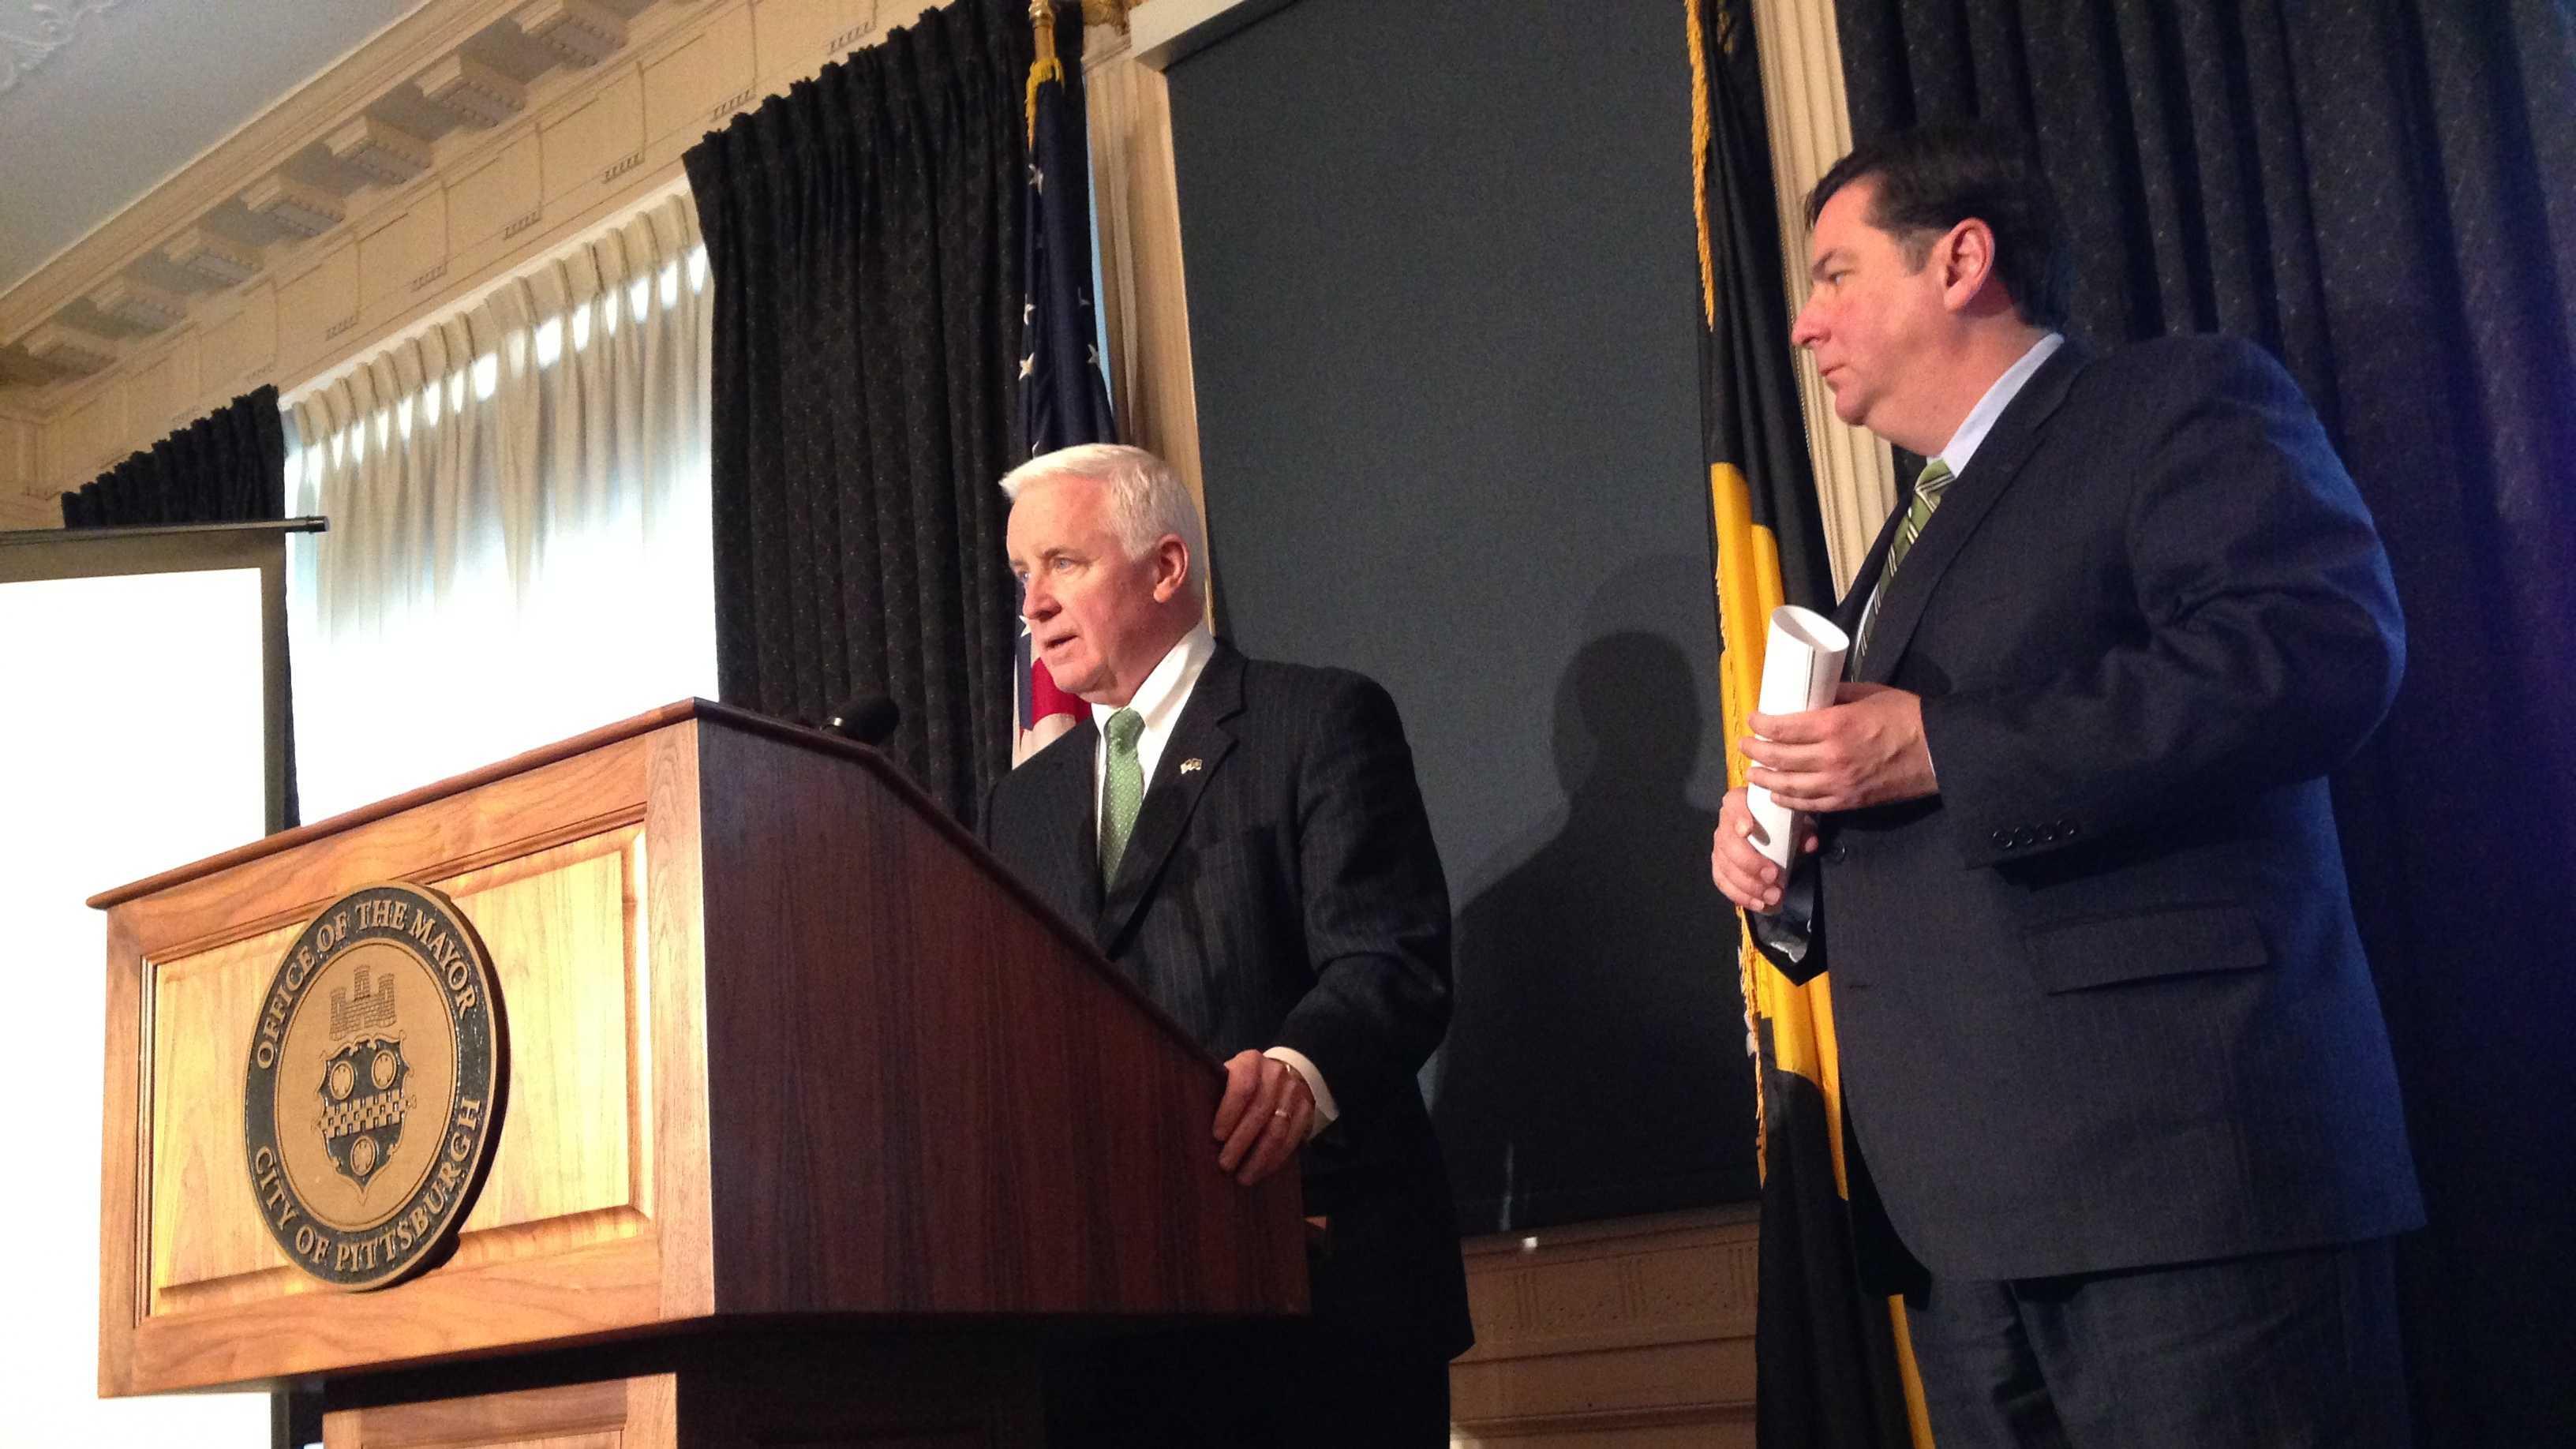 Gov. Tom Corbett and Mayor Bill Peduto